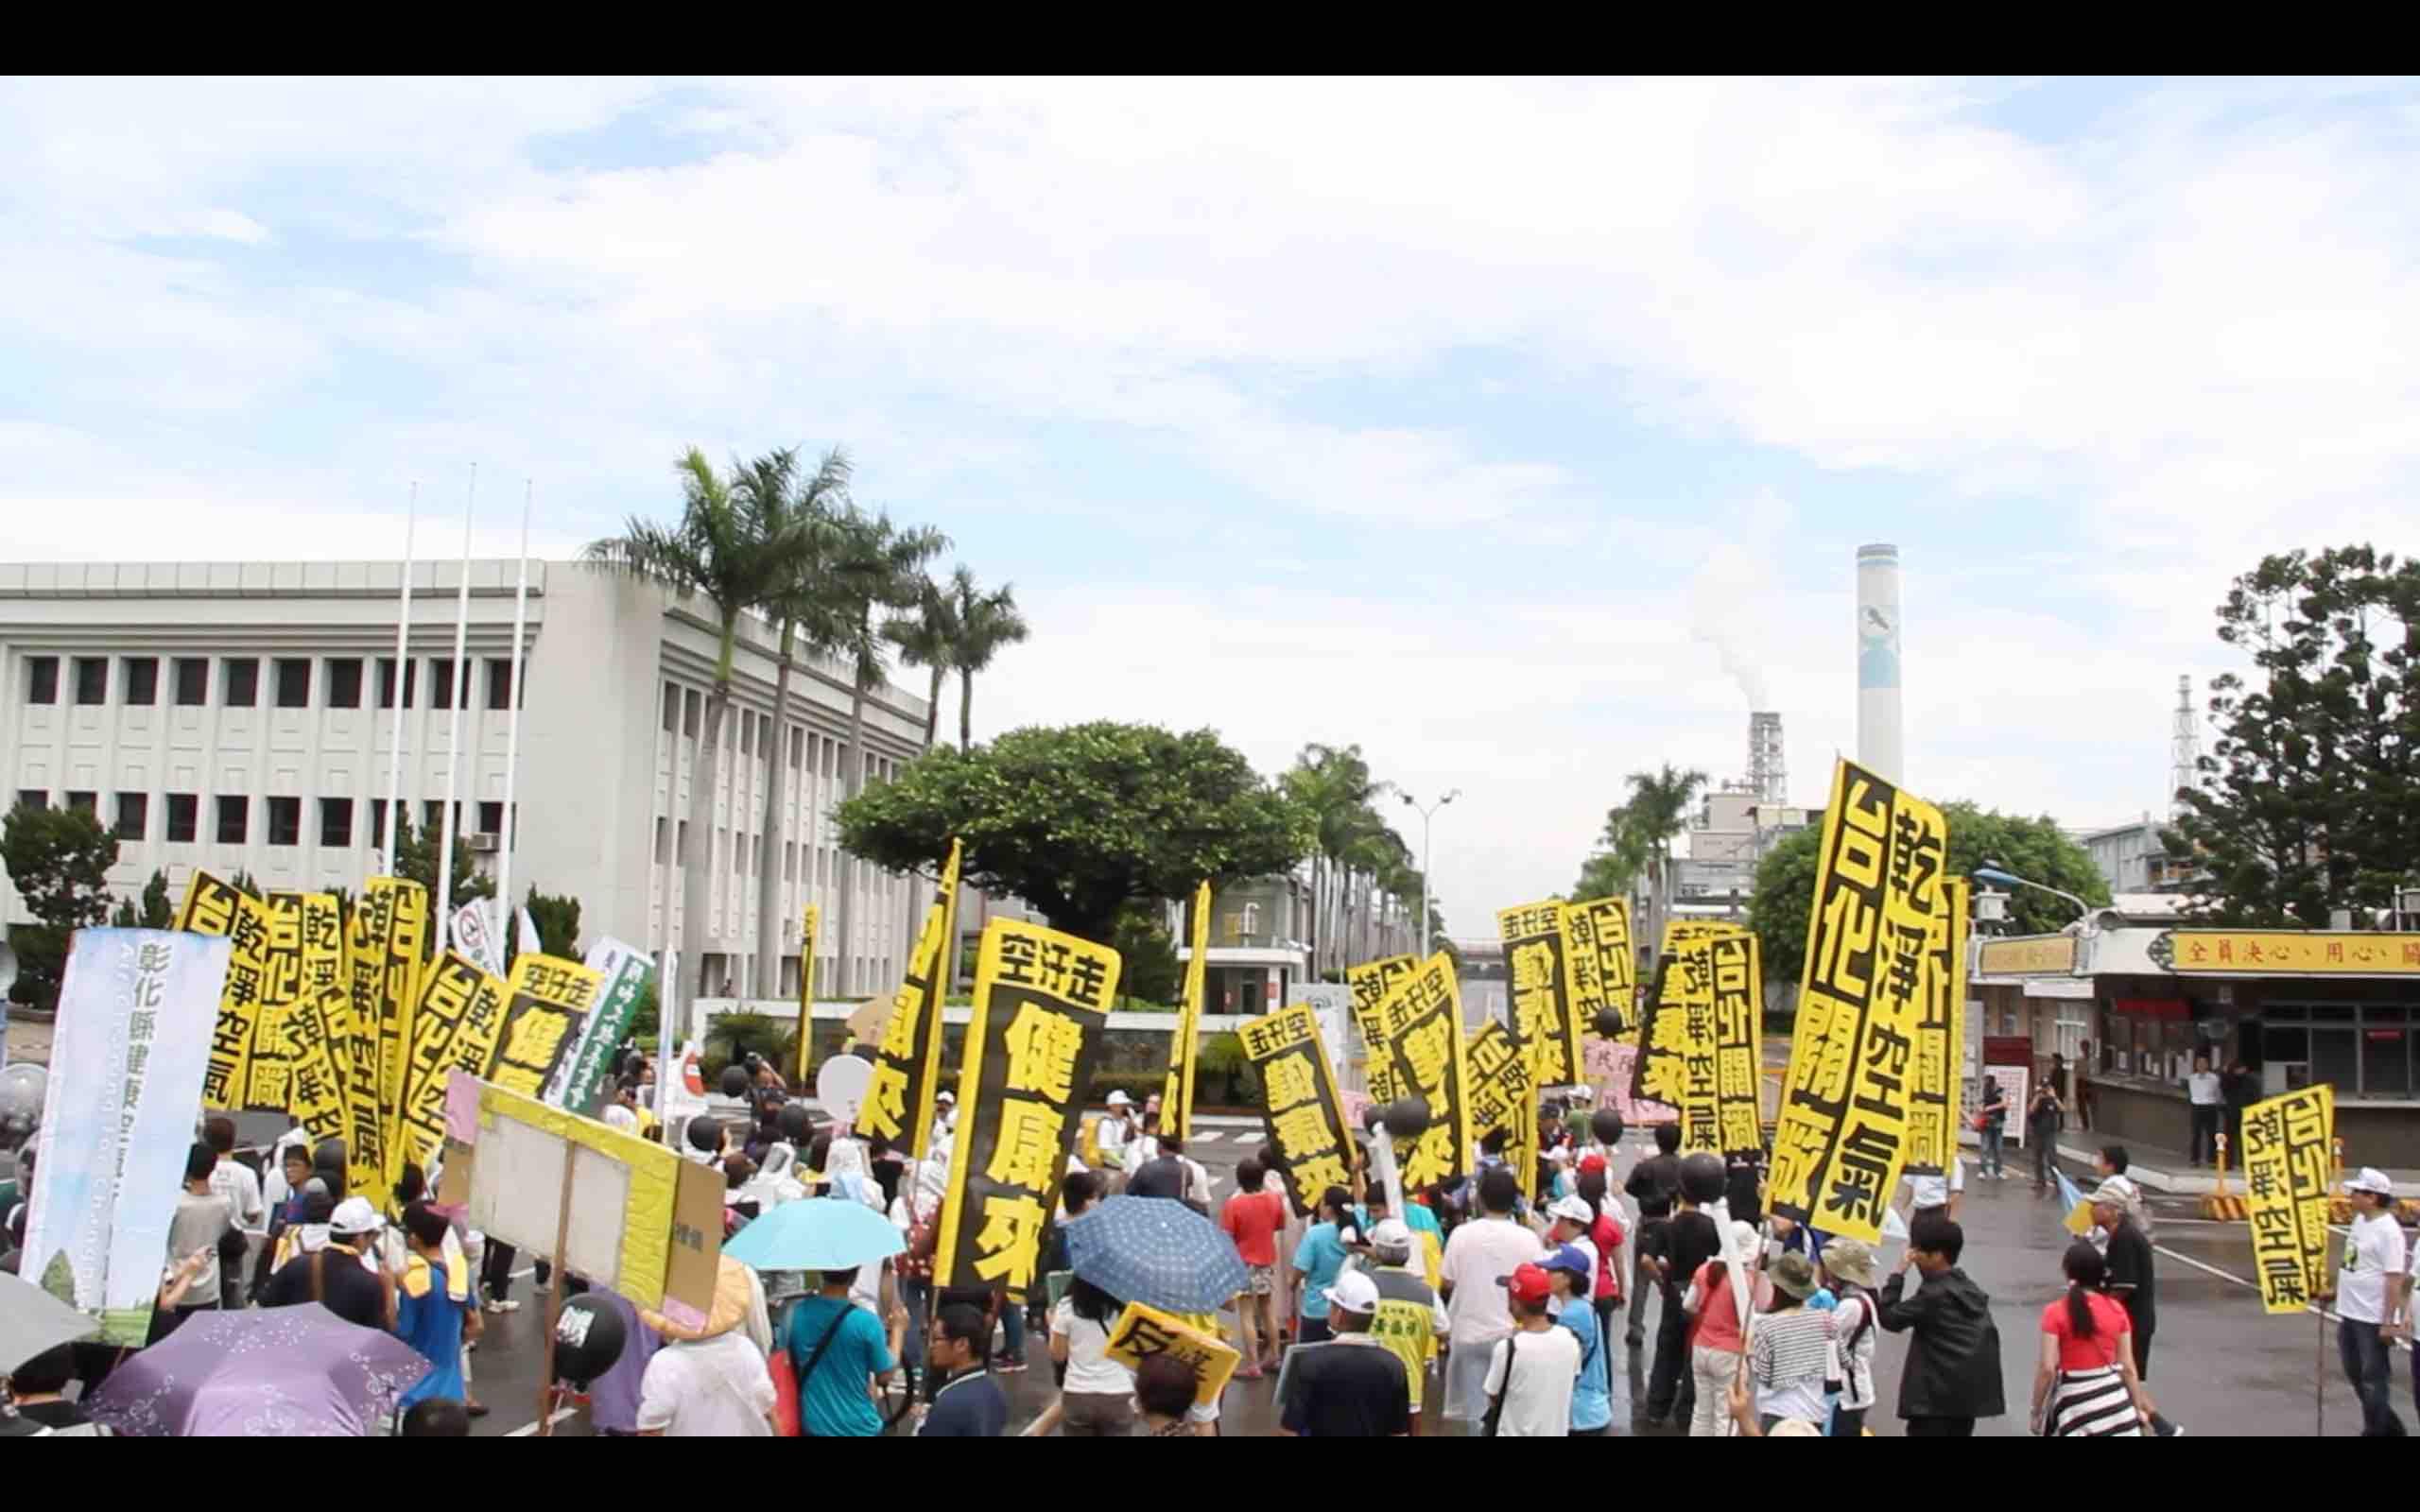 遊行最後集結至台化公司前抗議。